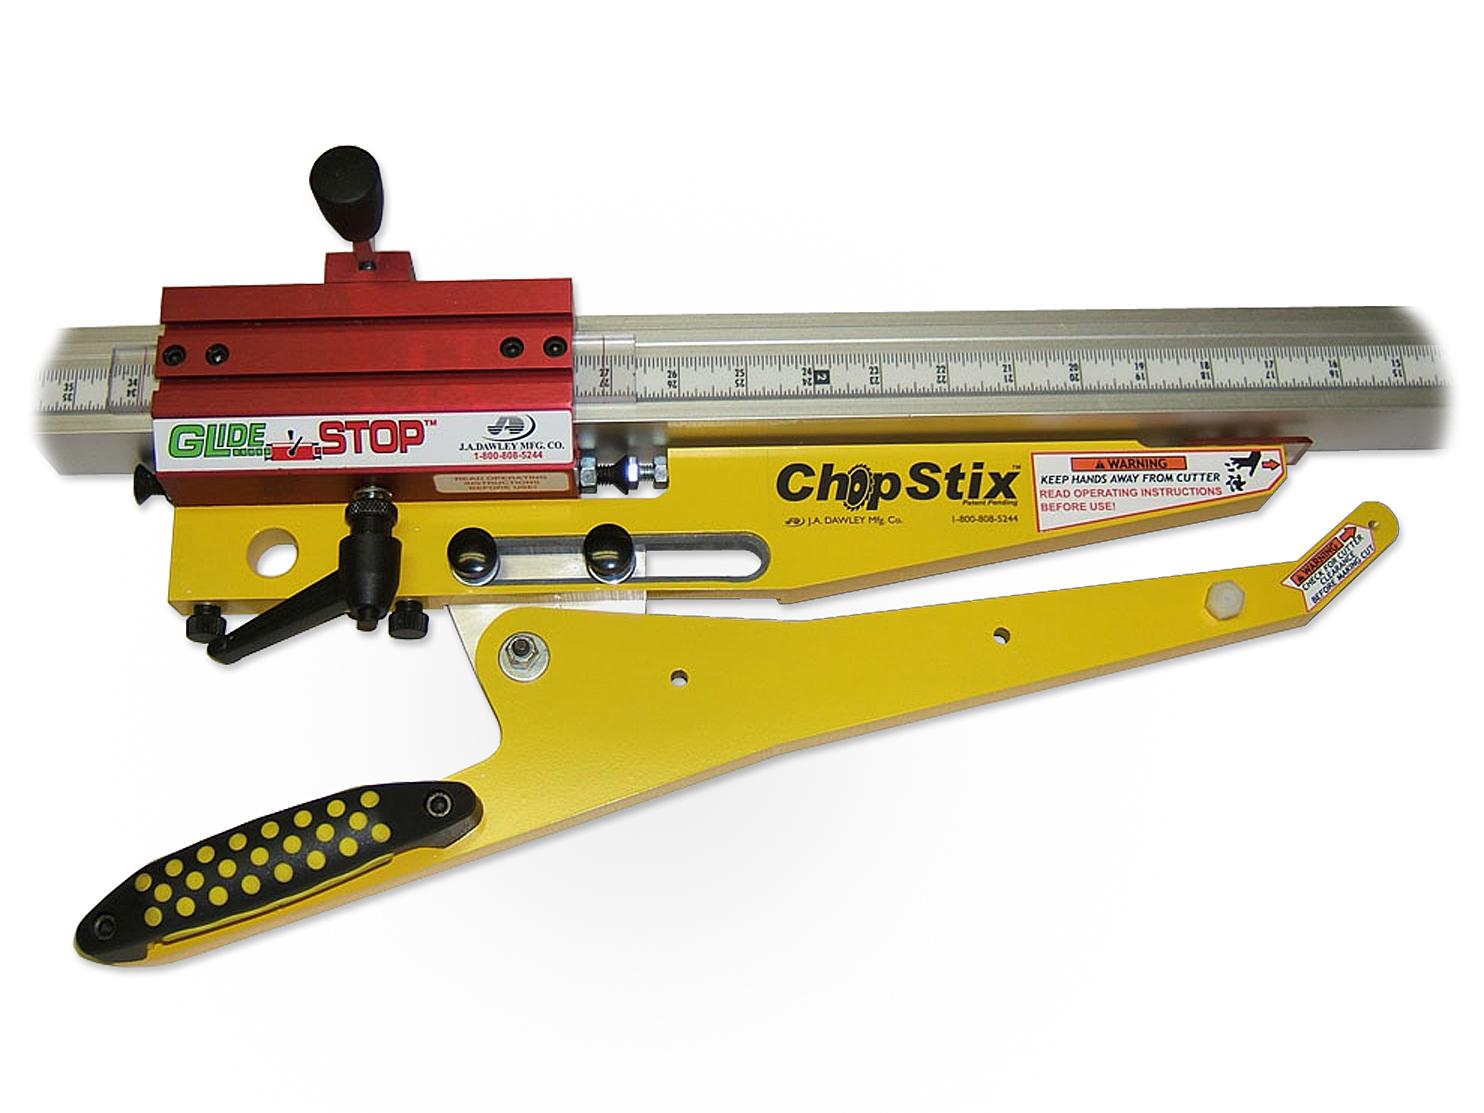 glidestop-chopstix-by-hoffmann-usa.com.jpg